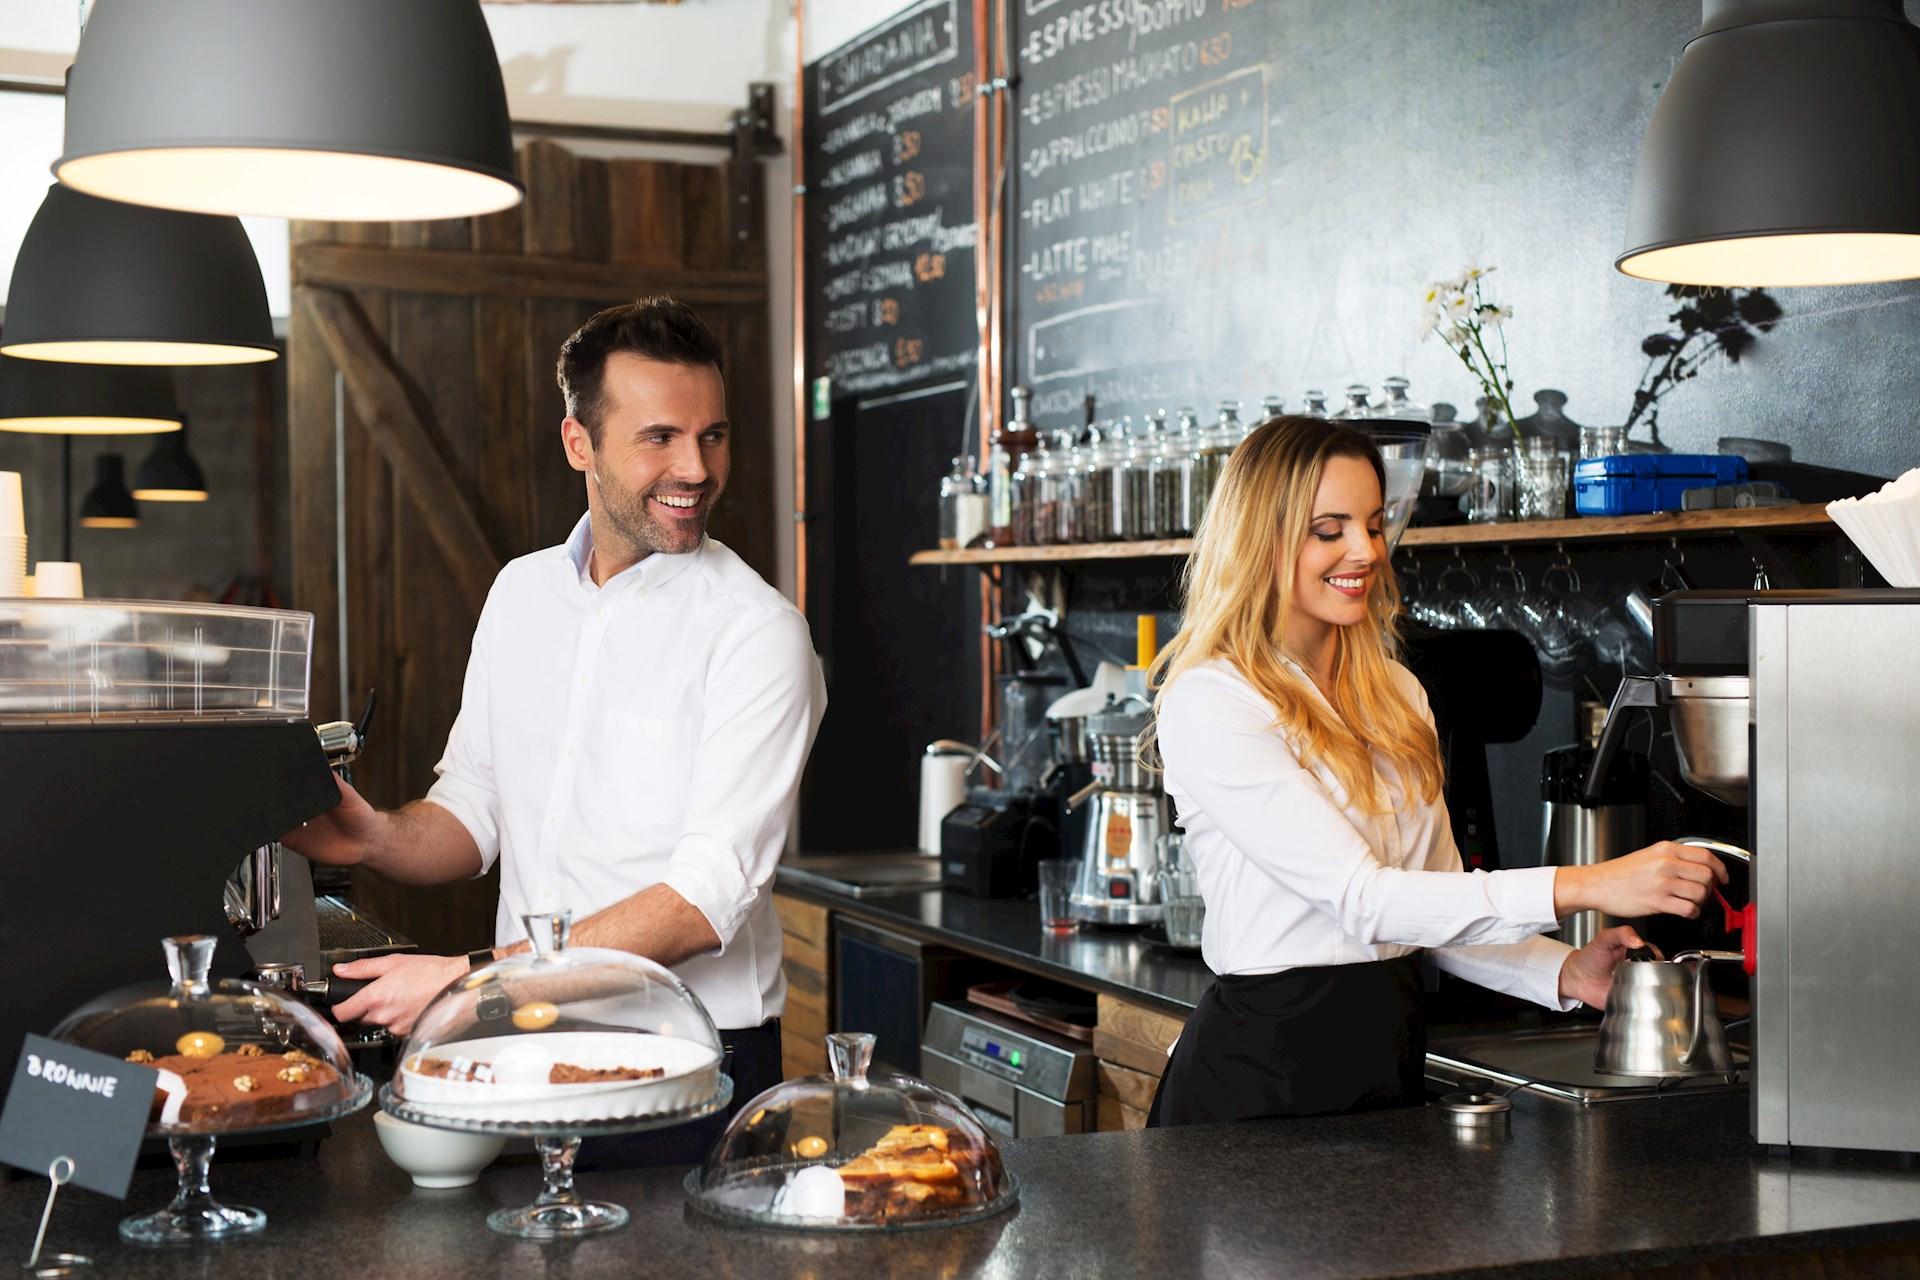 Włoska kawa - jak przygotować ją samemu w domu?